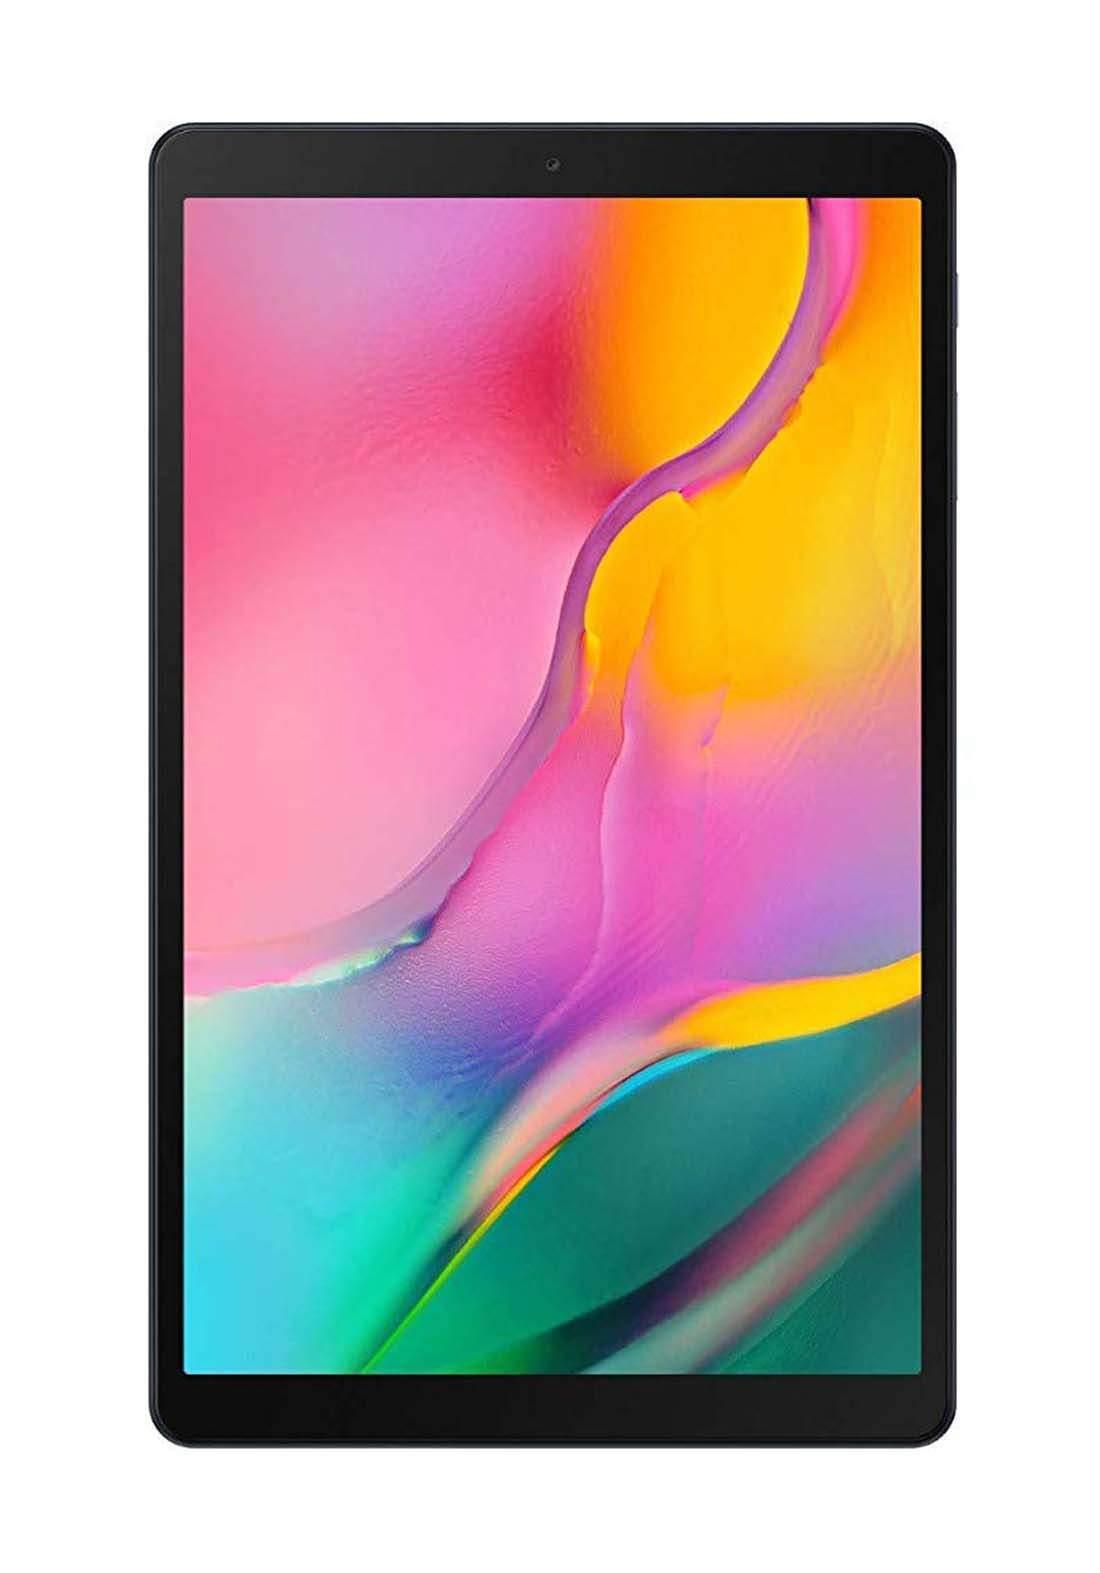 Samsung Galaxy Tab A T515 - SIM - 2 GB RAM - 32GB - Black